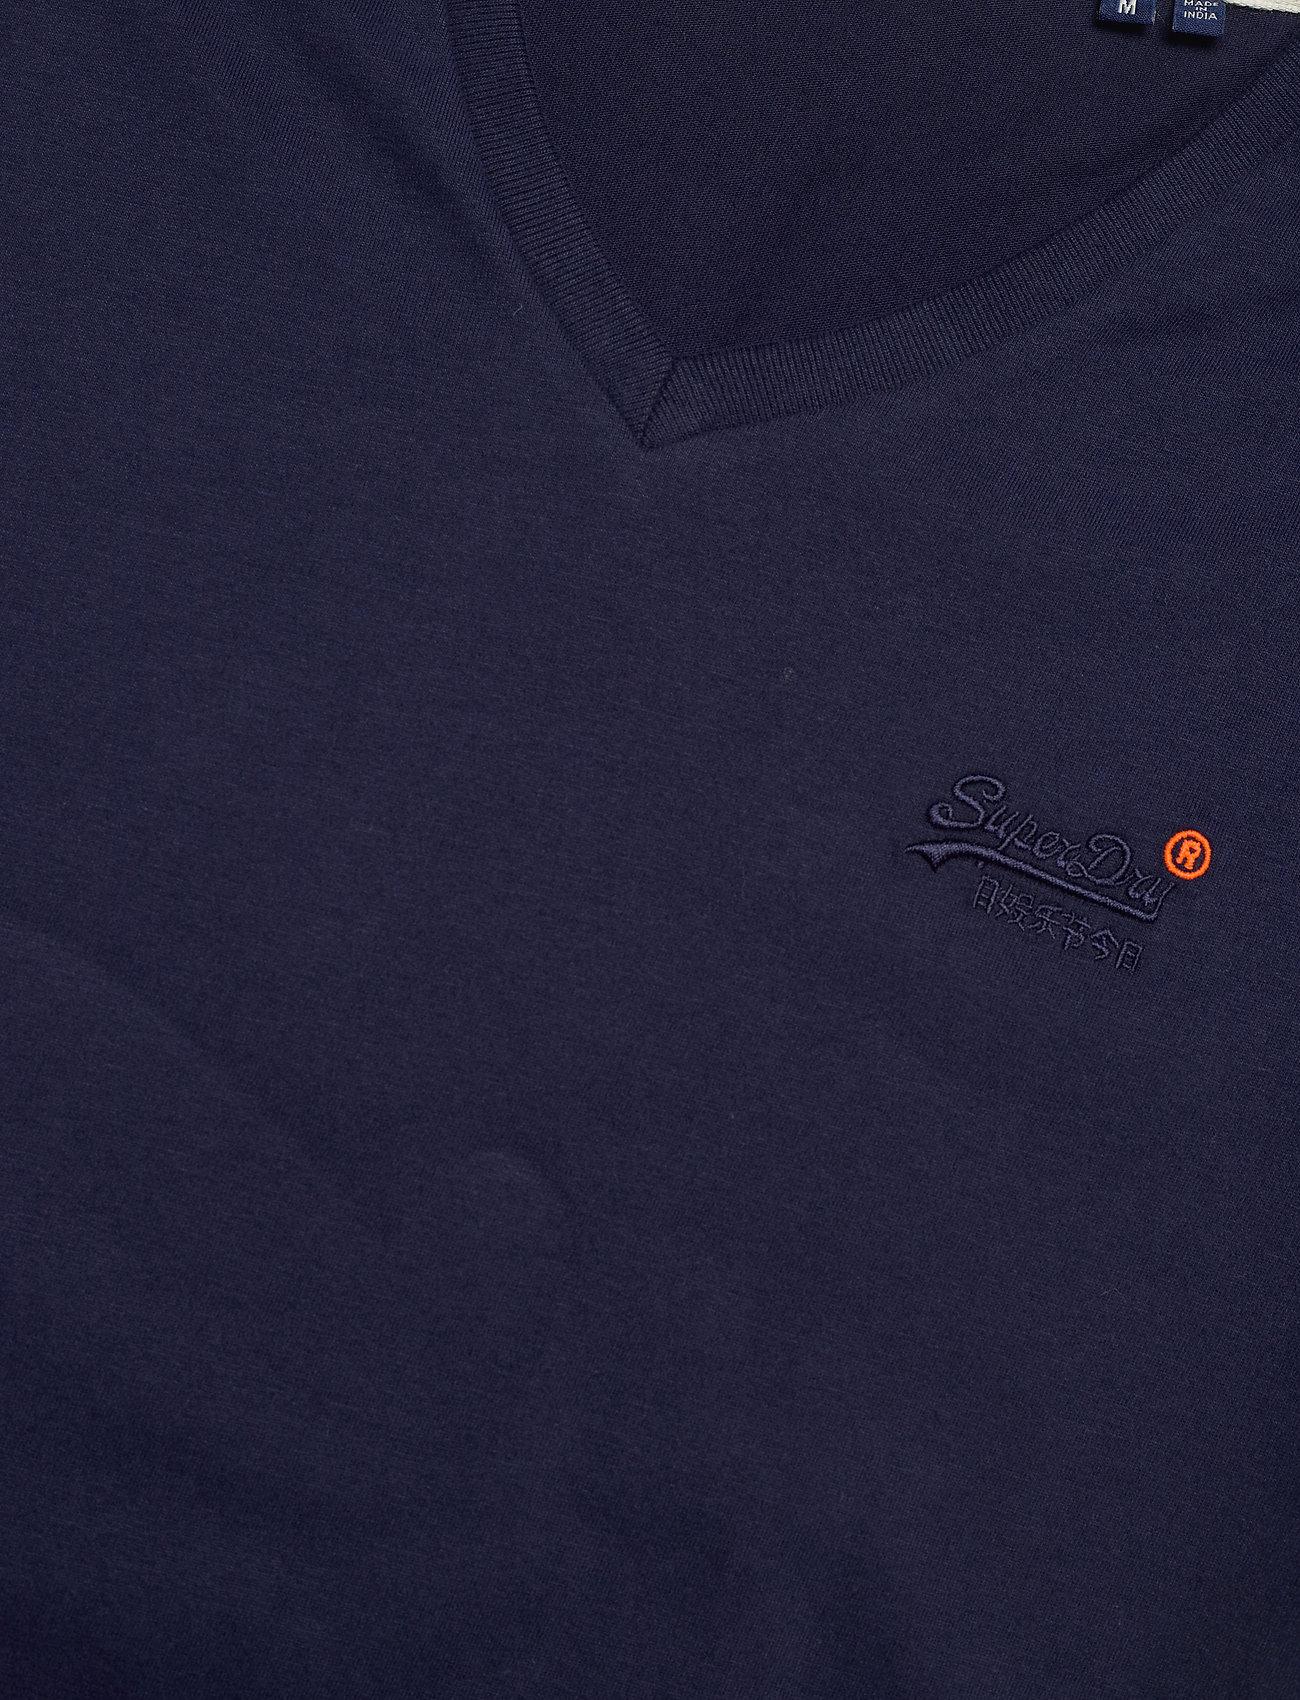 Superdry Ol Classic Vee Tee Ns - T-skjorter RICH NAVY - Menn Klær